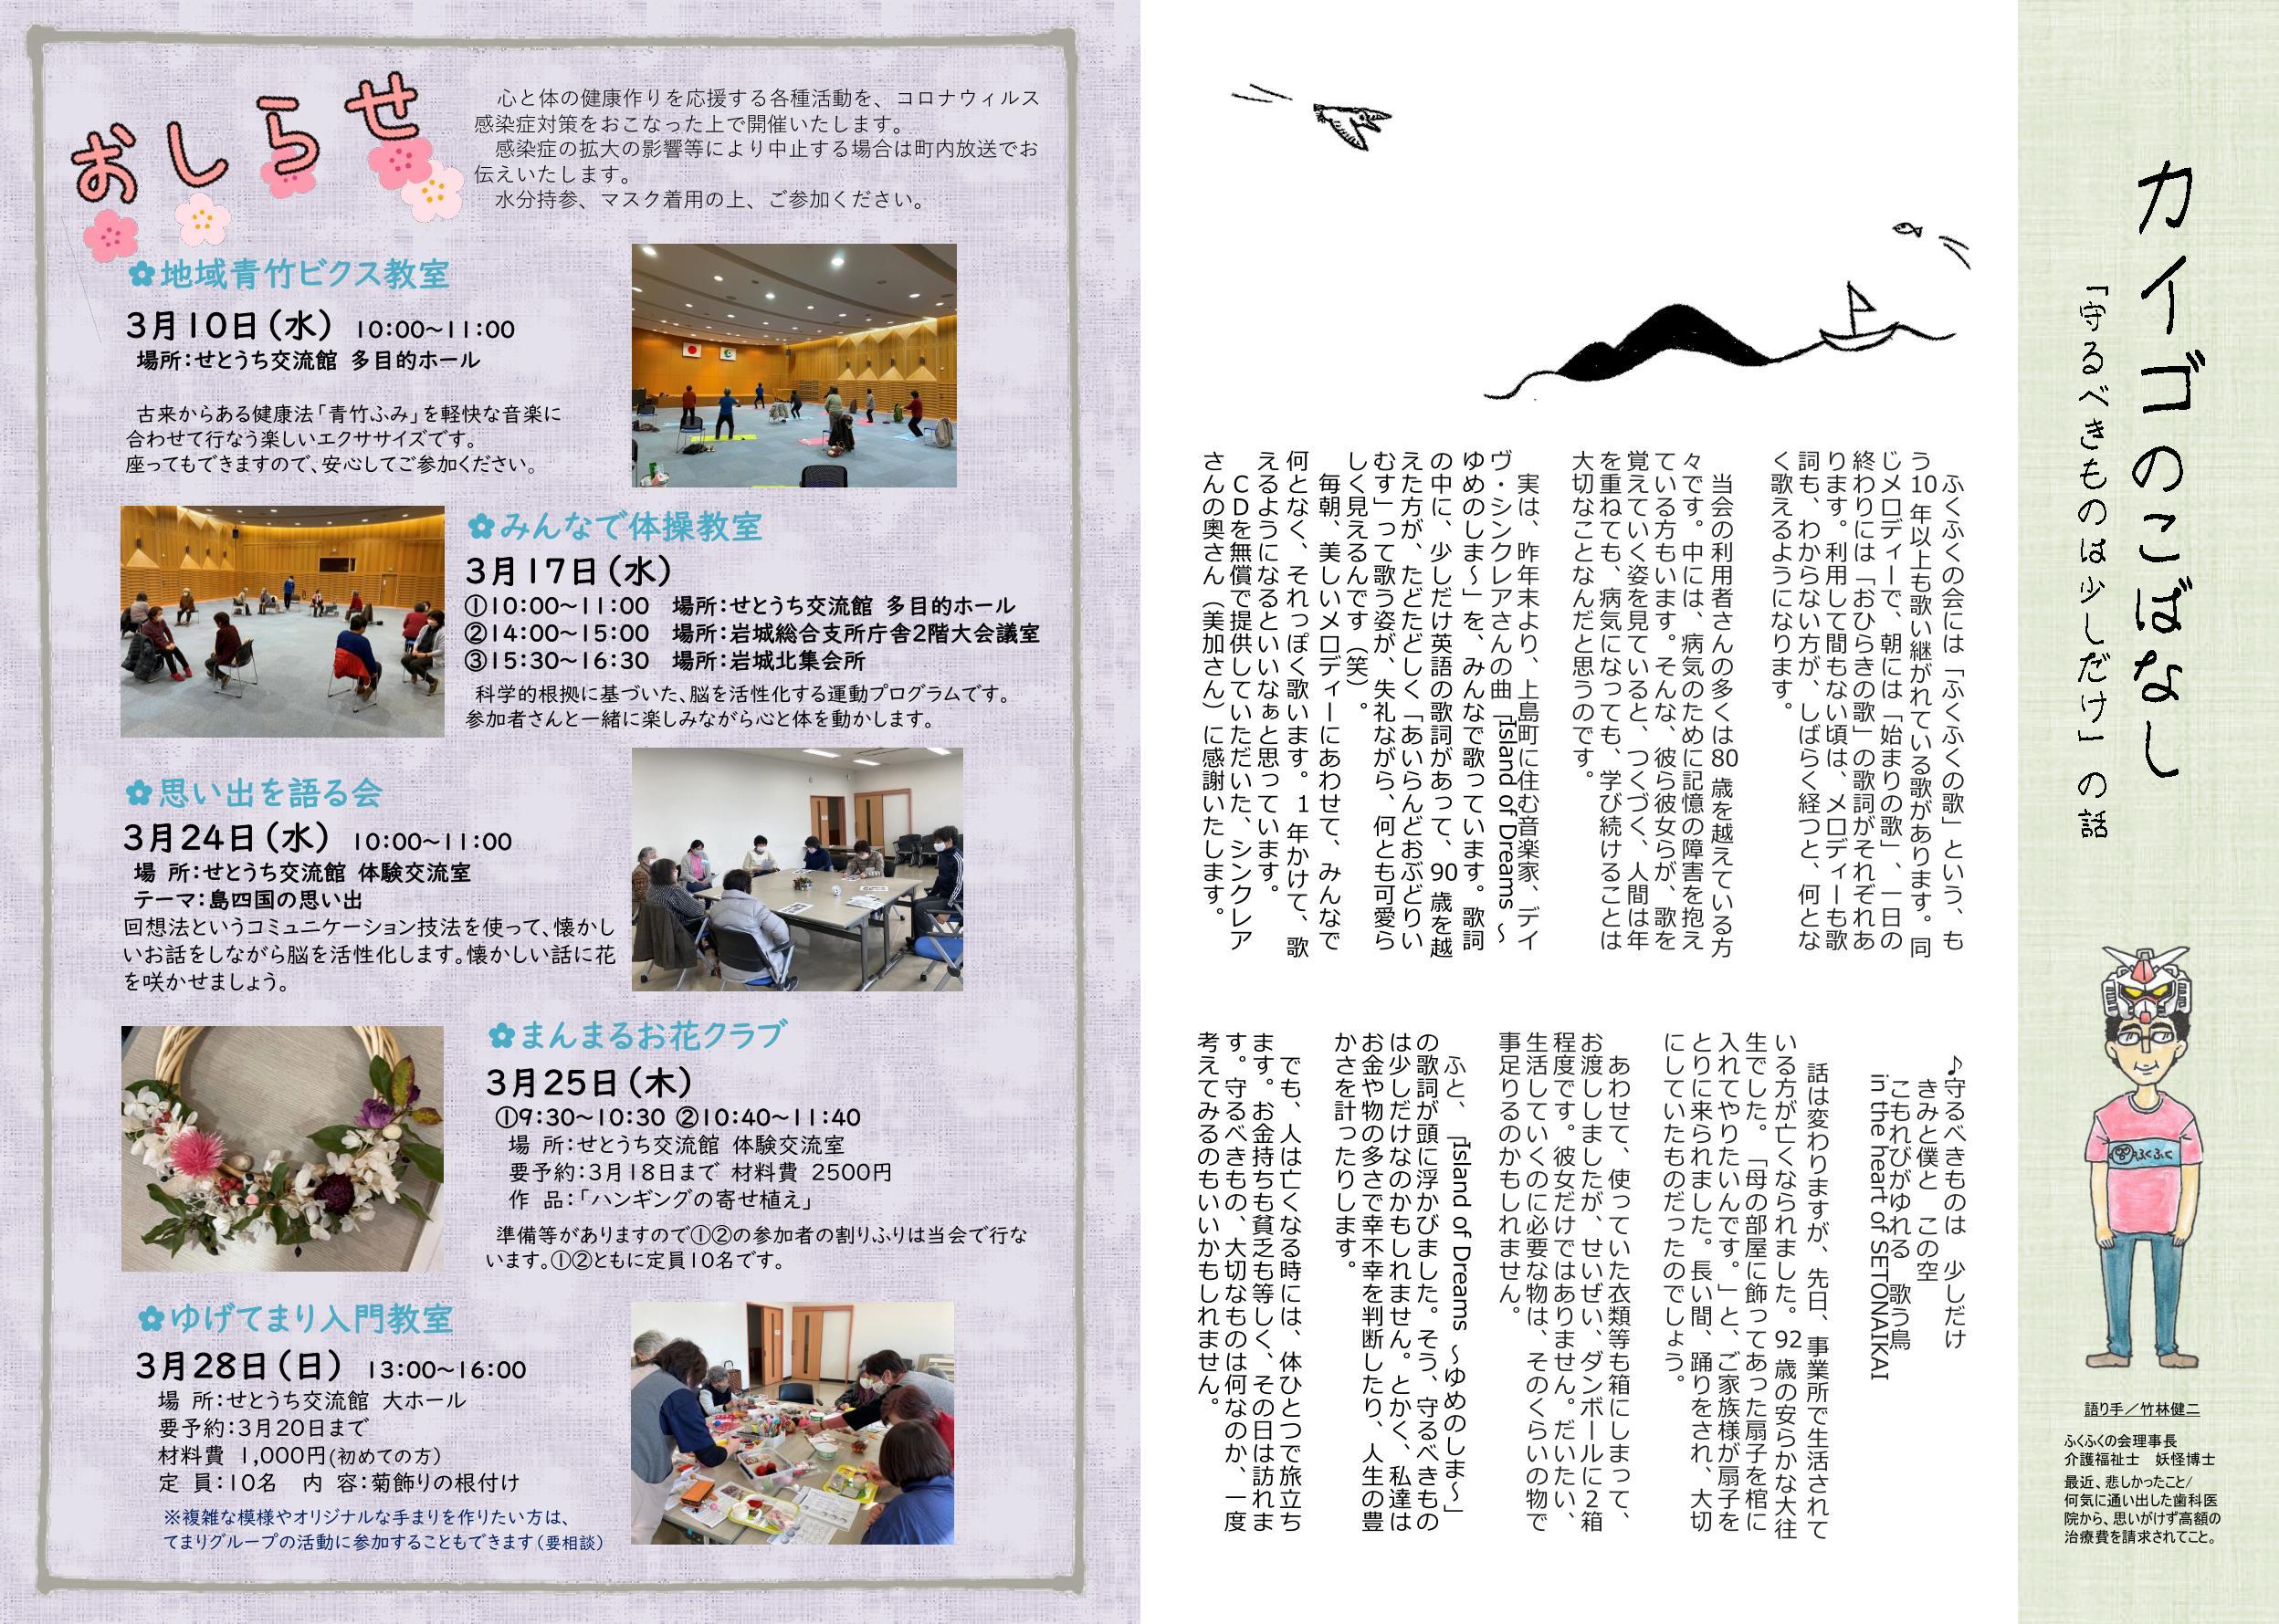 http://fukufukunokai.com/newsletter/images/2%E6%9C%88%E5%8F%B7_cropped_420214.jpeg